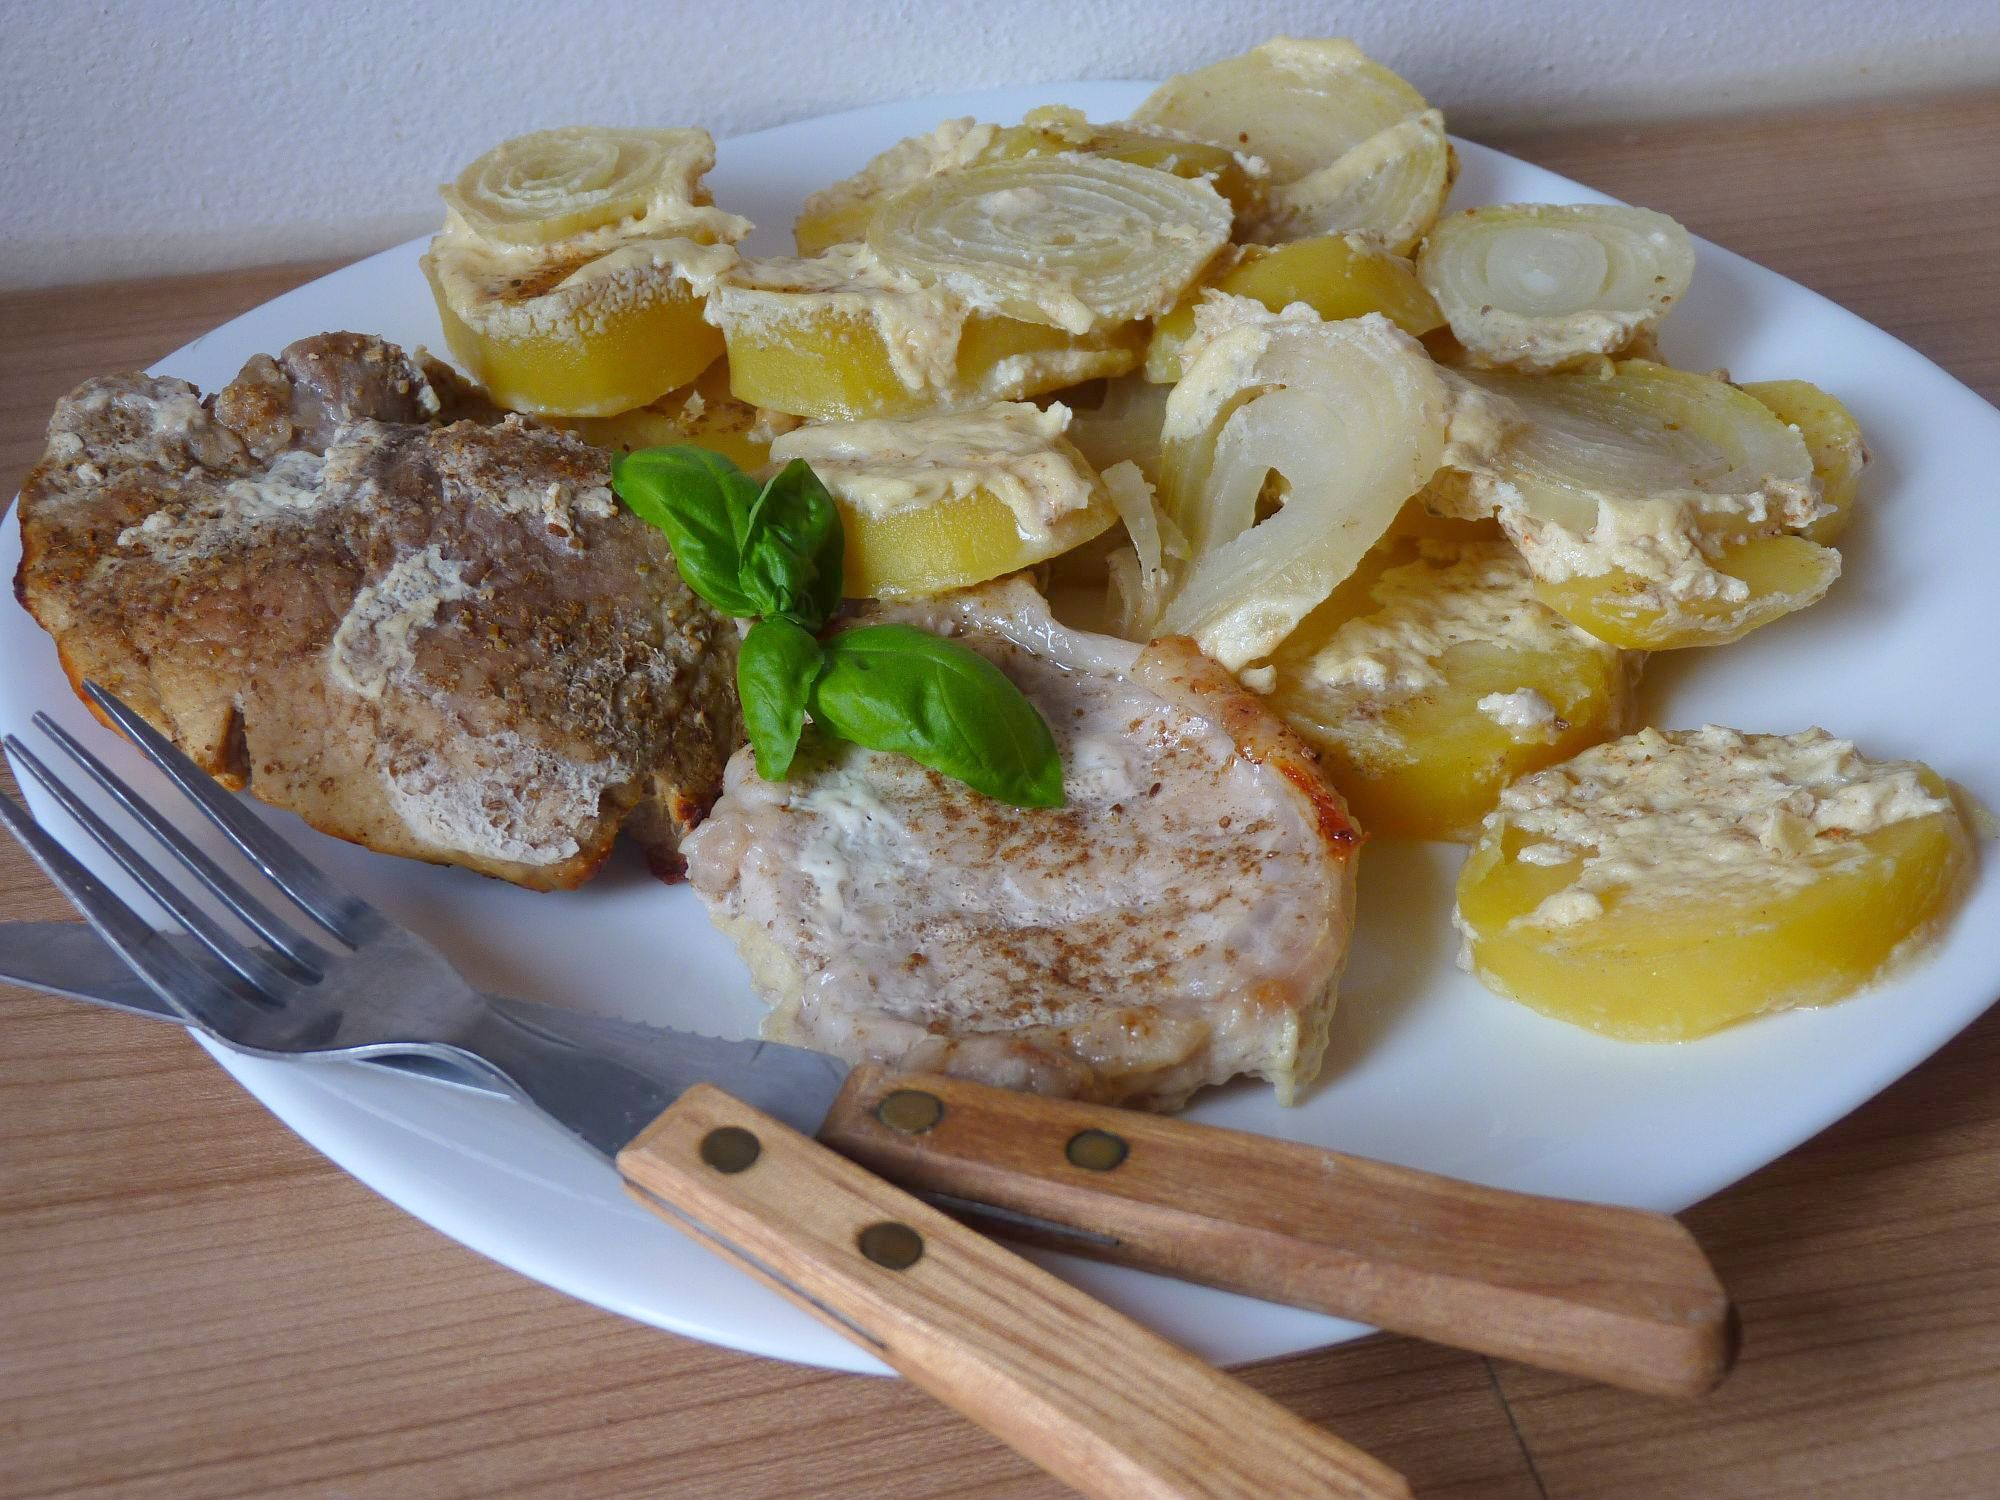 Vepřová pečeně zapečená s bramborem ve smetaně